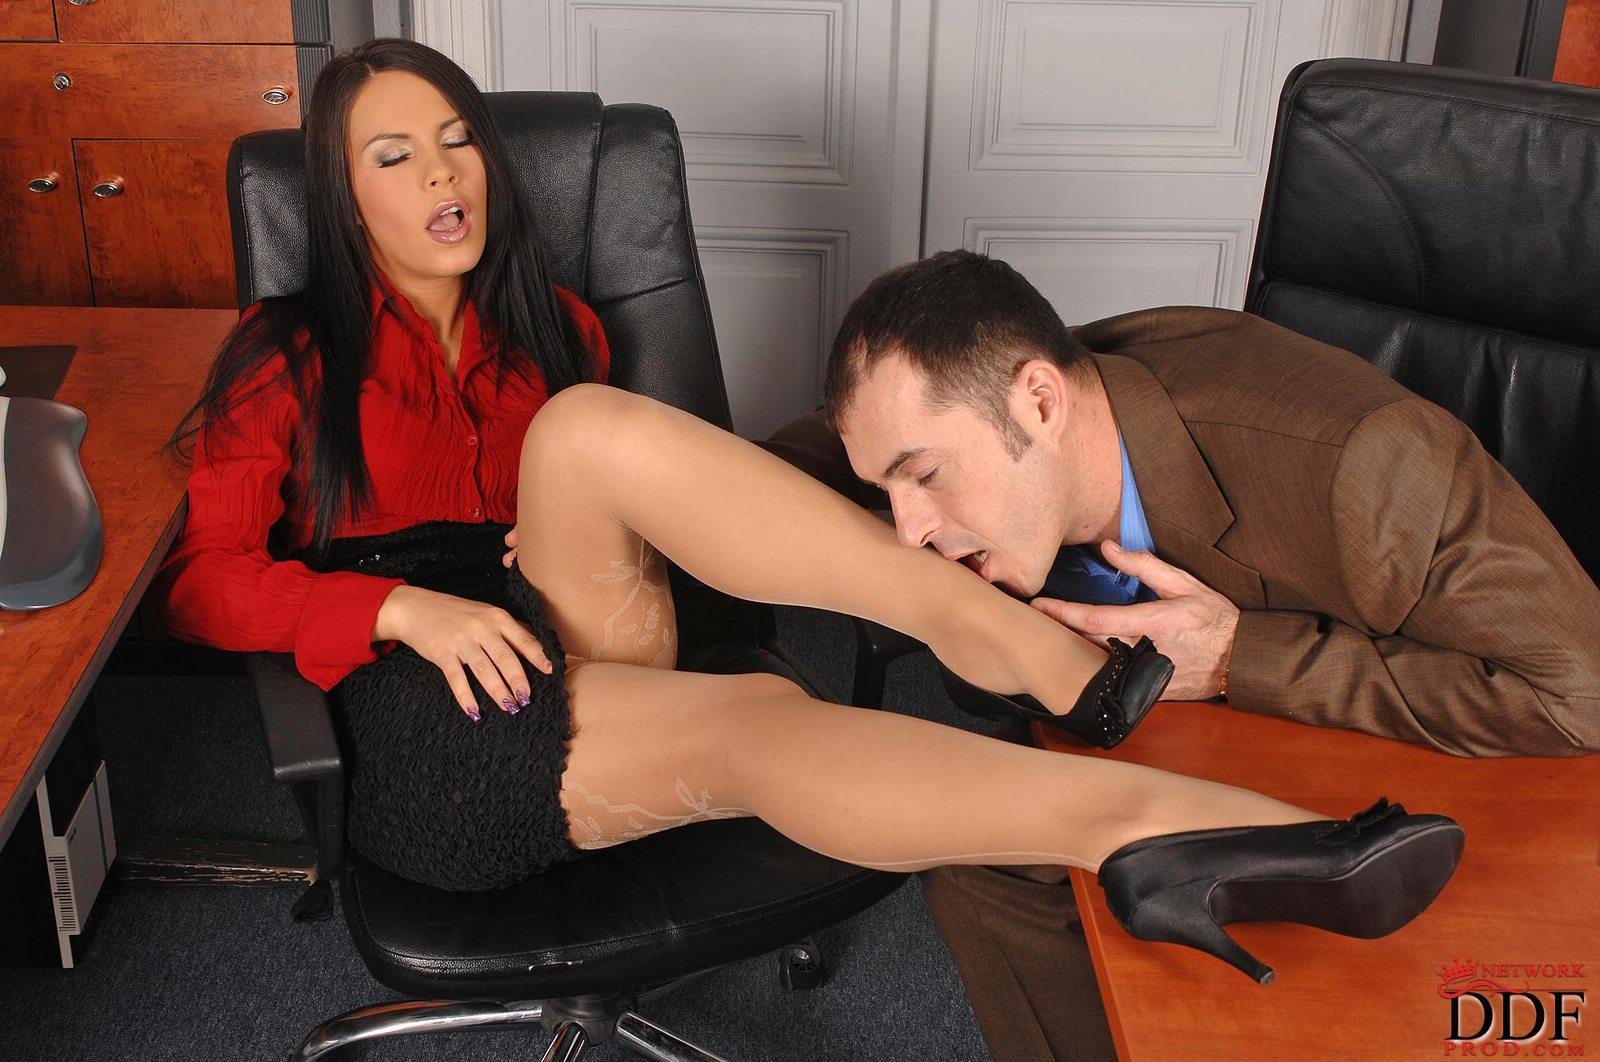 Initials secretary footjob